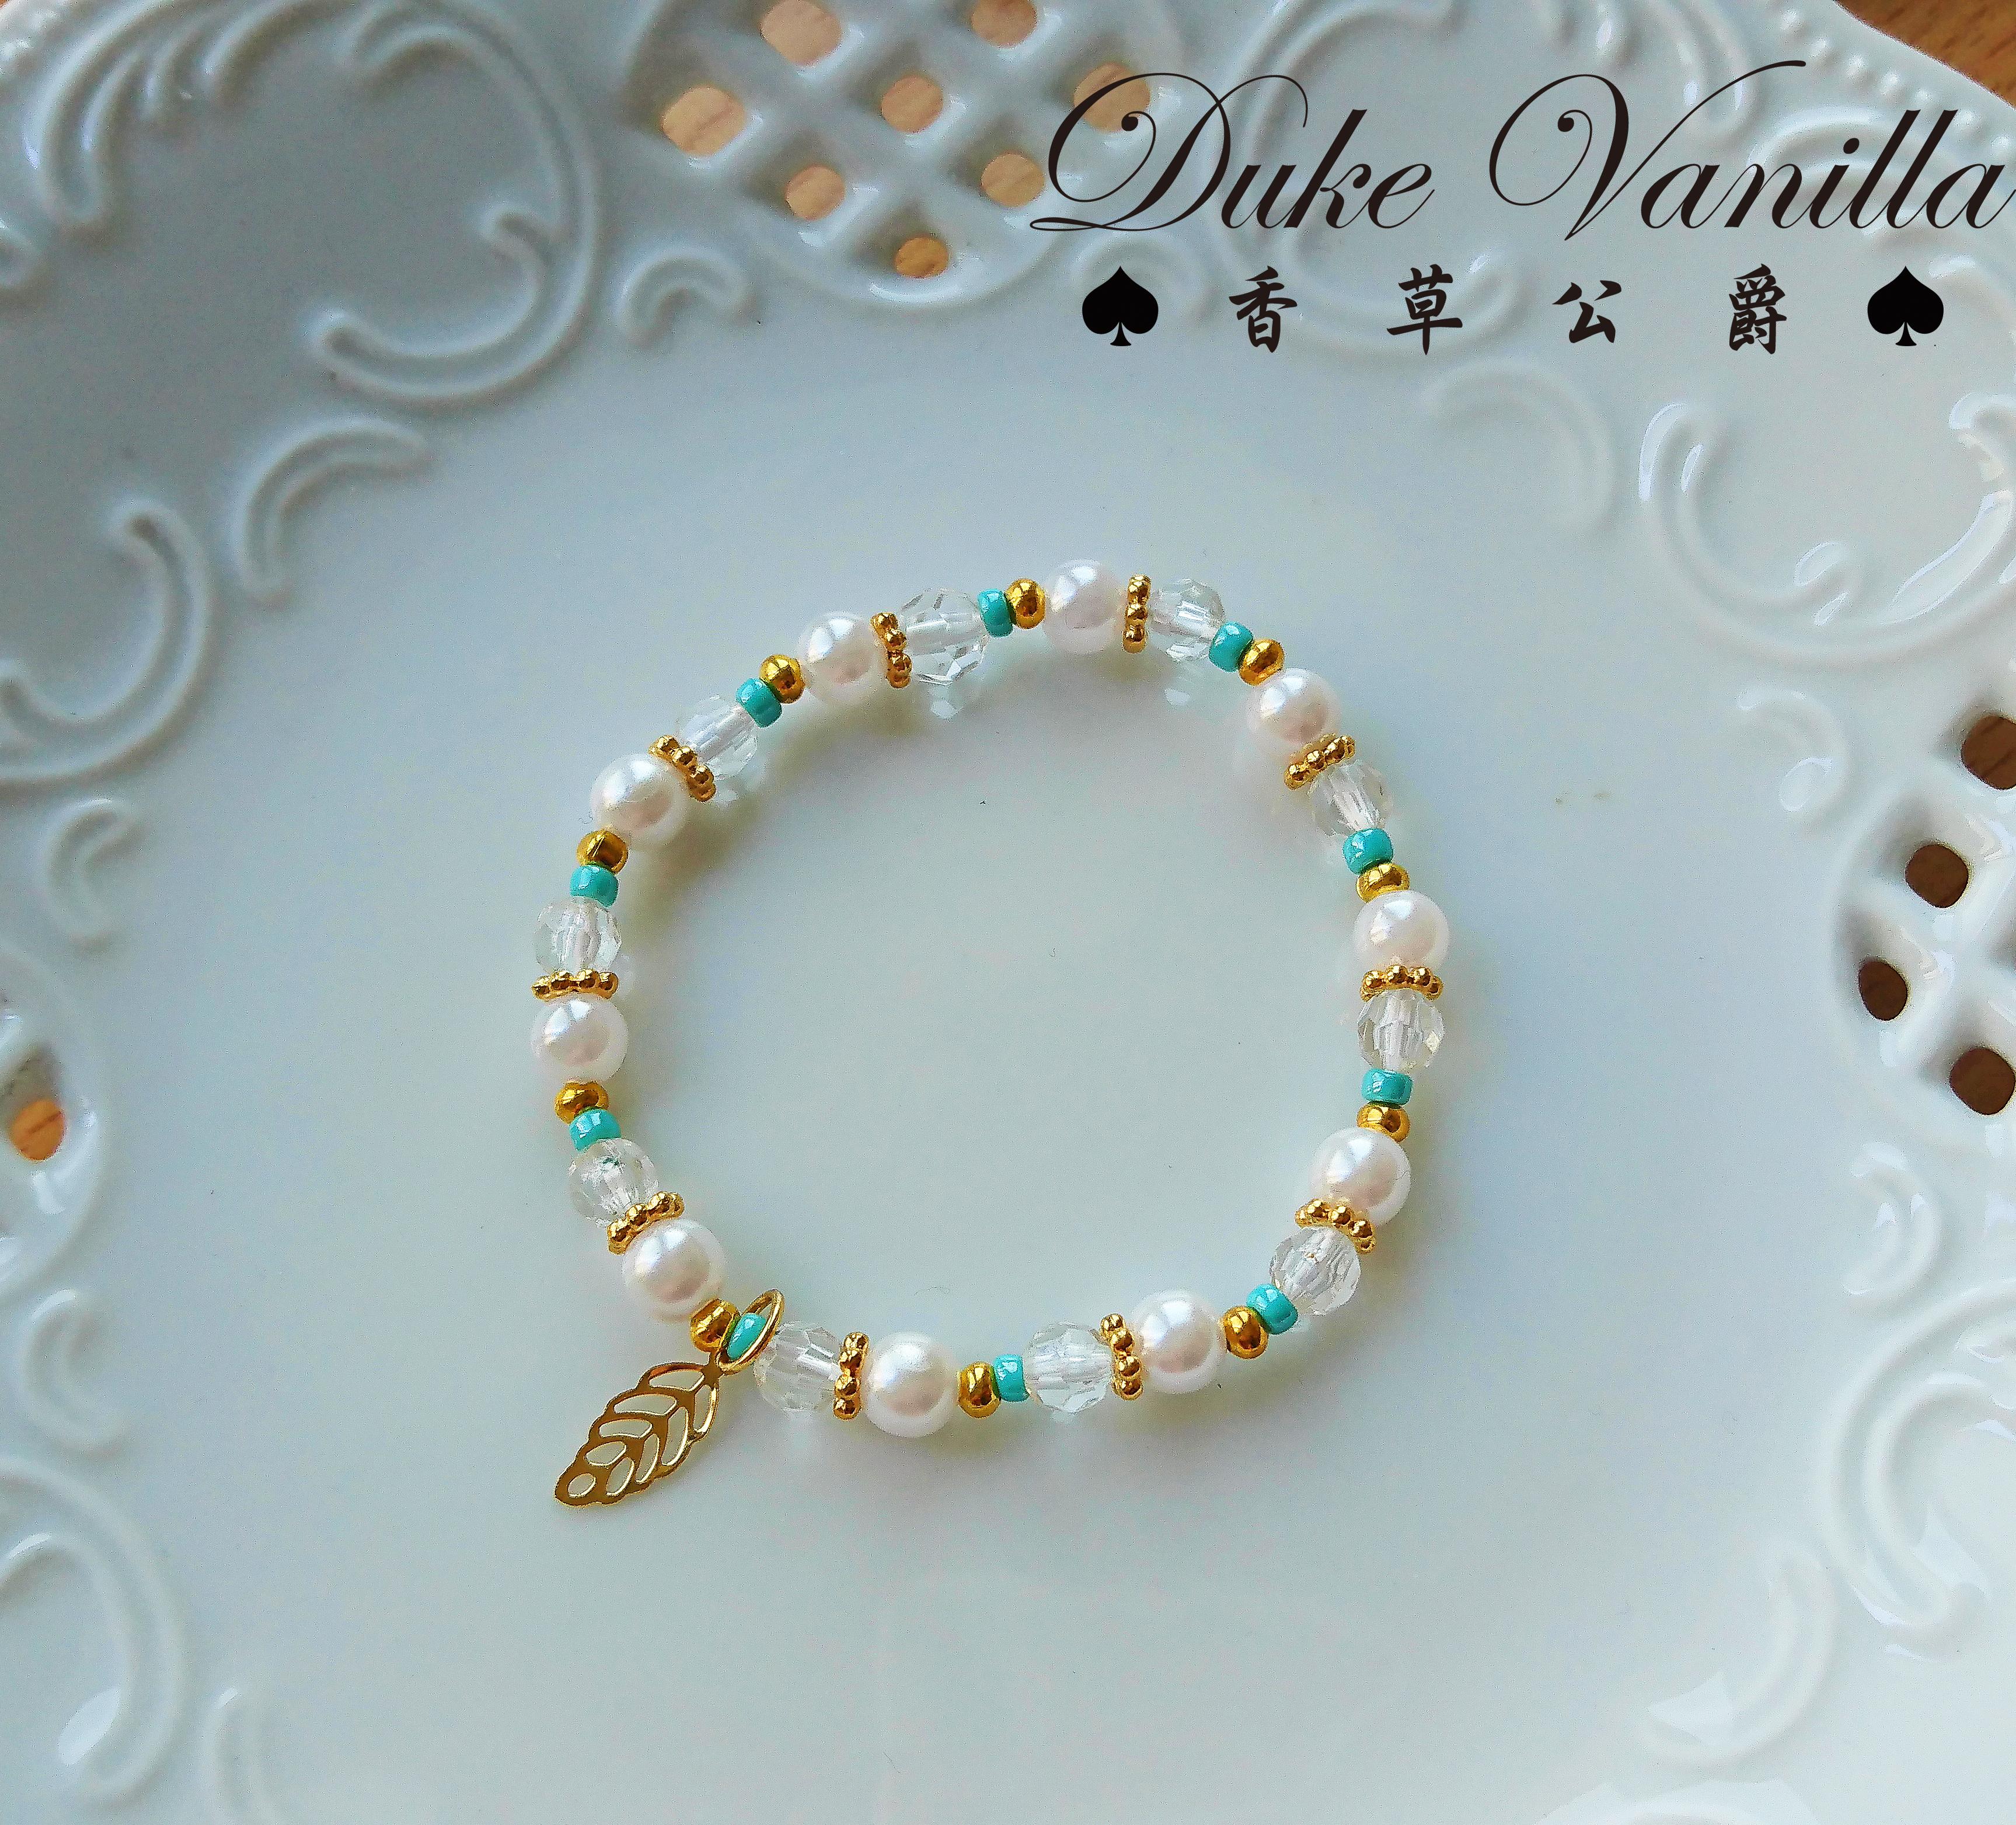 輕語*秀氣油珠綠色小彩珠相間手環 小金葉吊飾 - Duke Vanilla 香草公爵